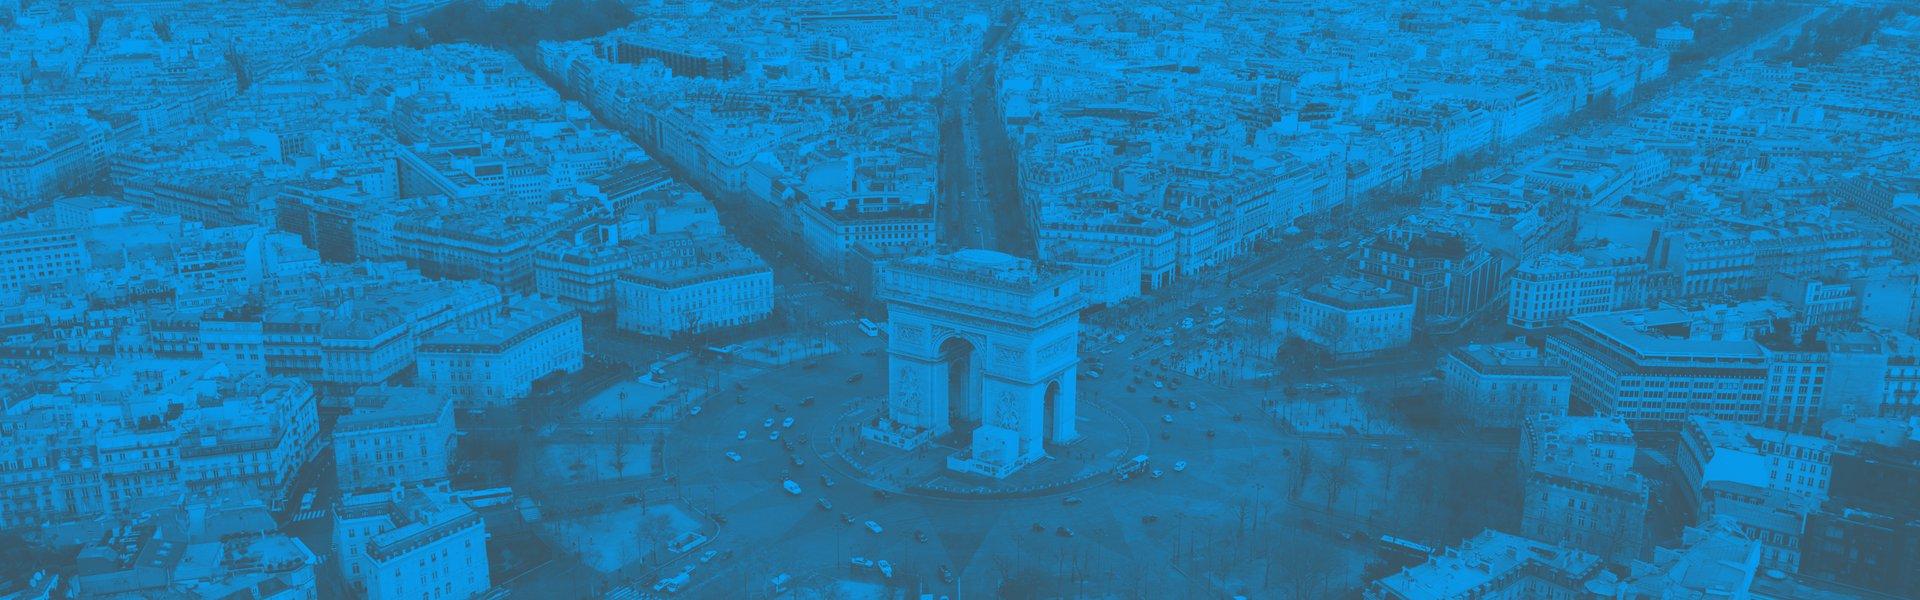 Ontruck in Paris p795